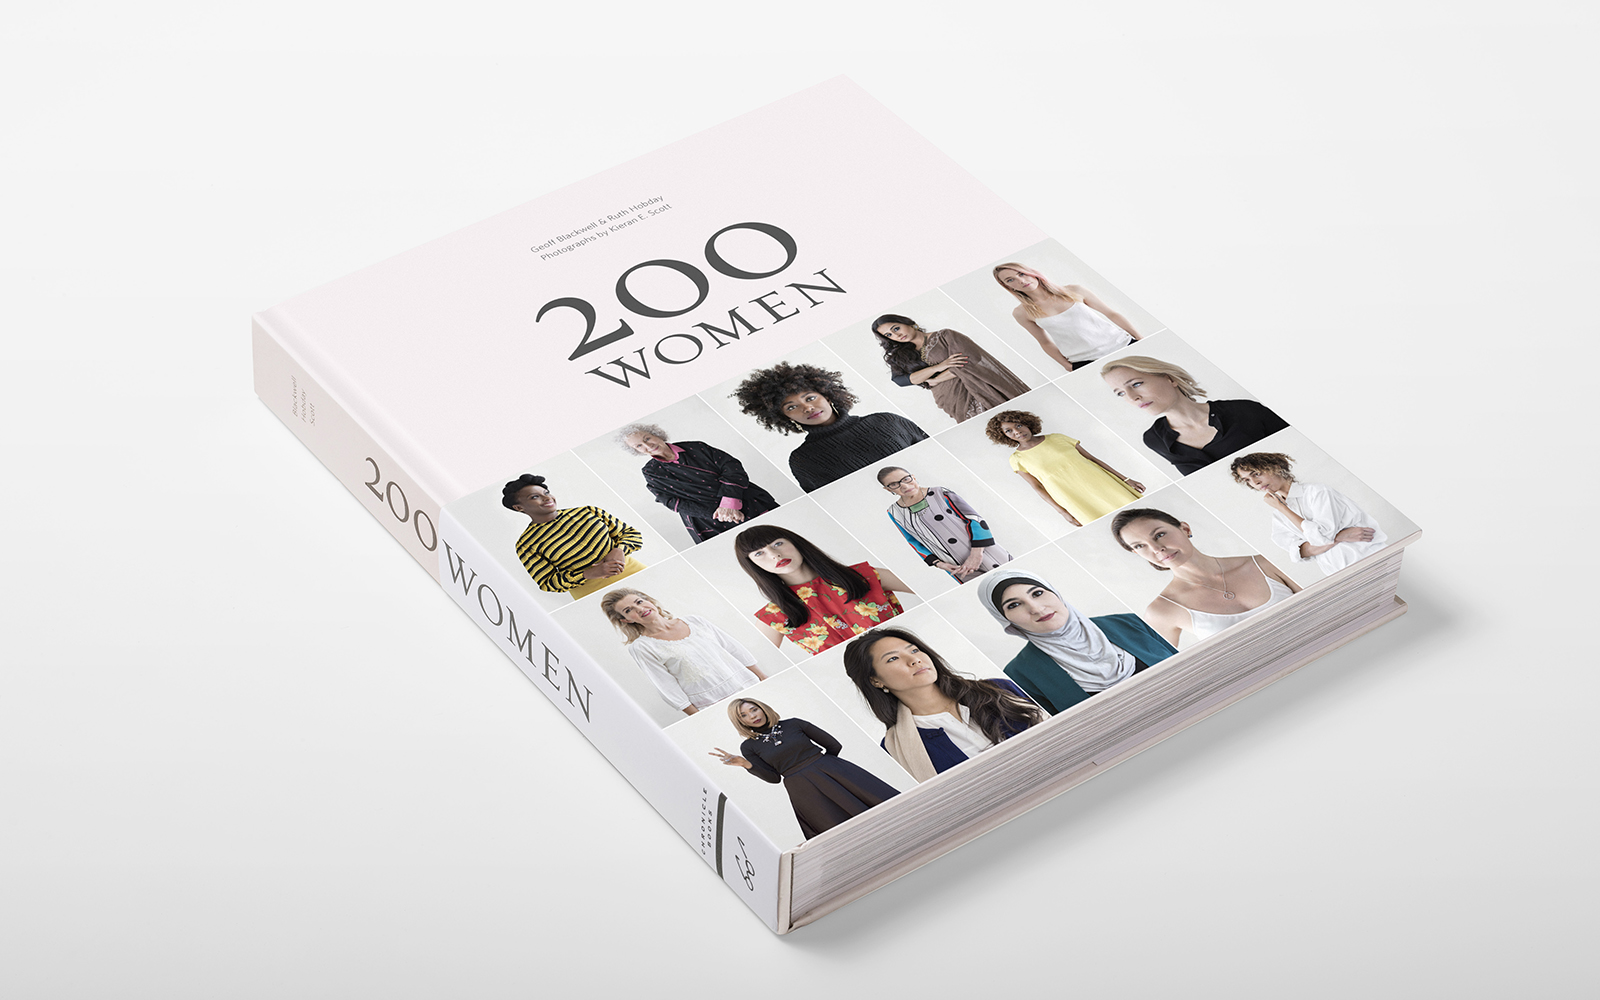 200-women-book.jpg